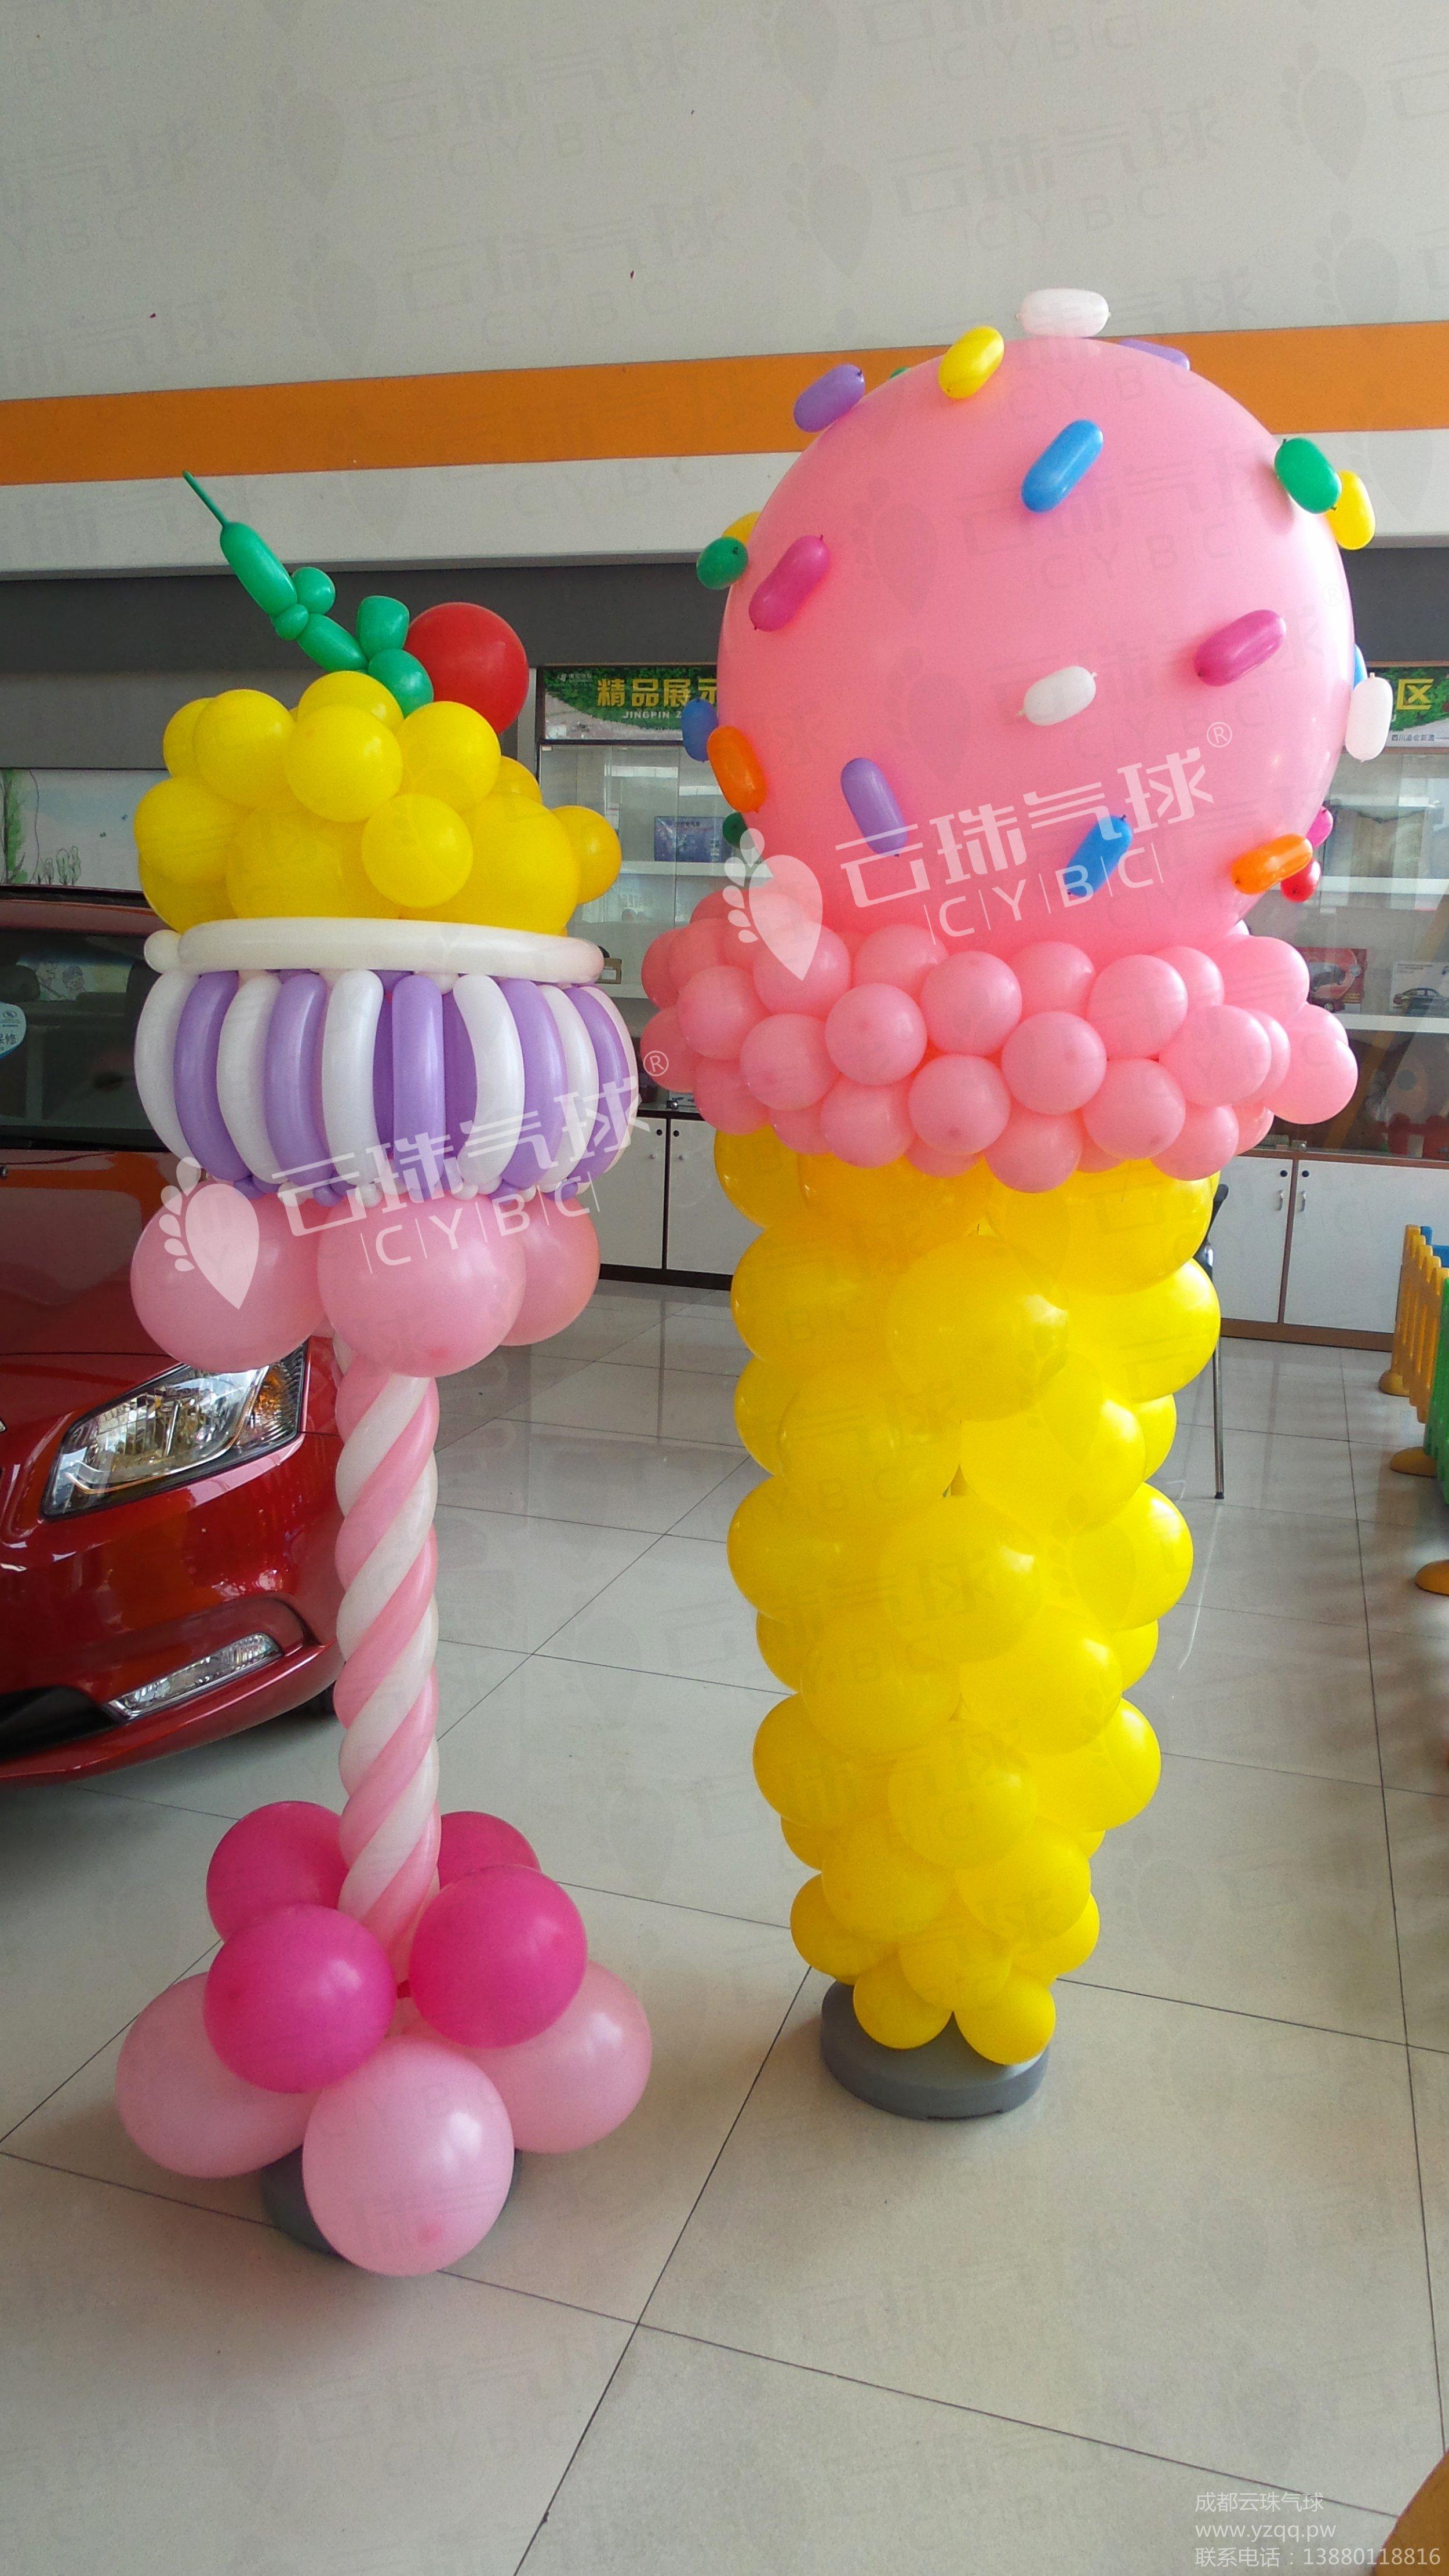 供应女孩生日宴气球装饰/气球装饰效果/卡通造型气球/主题气球装饰/HelloKitty气球